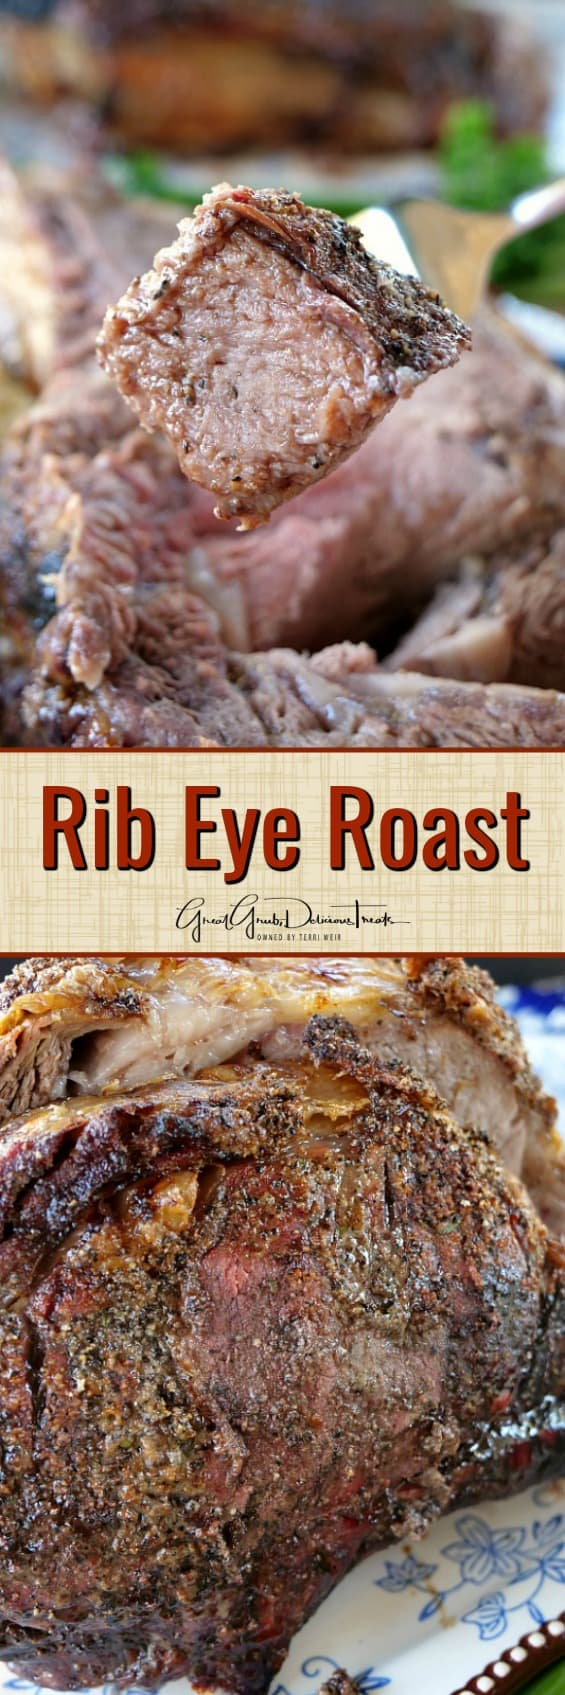 Rib Eye Roast